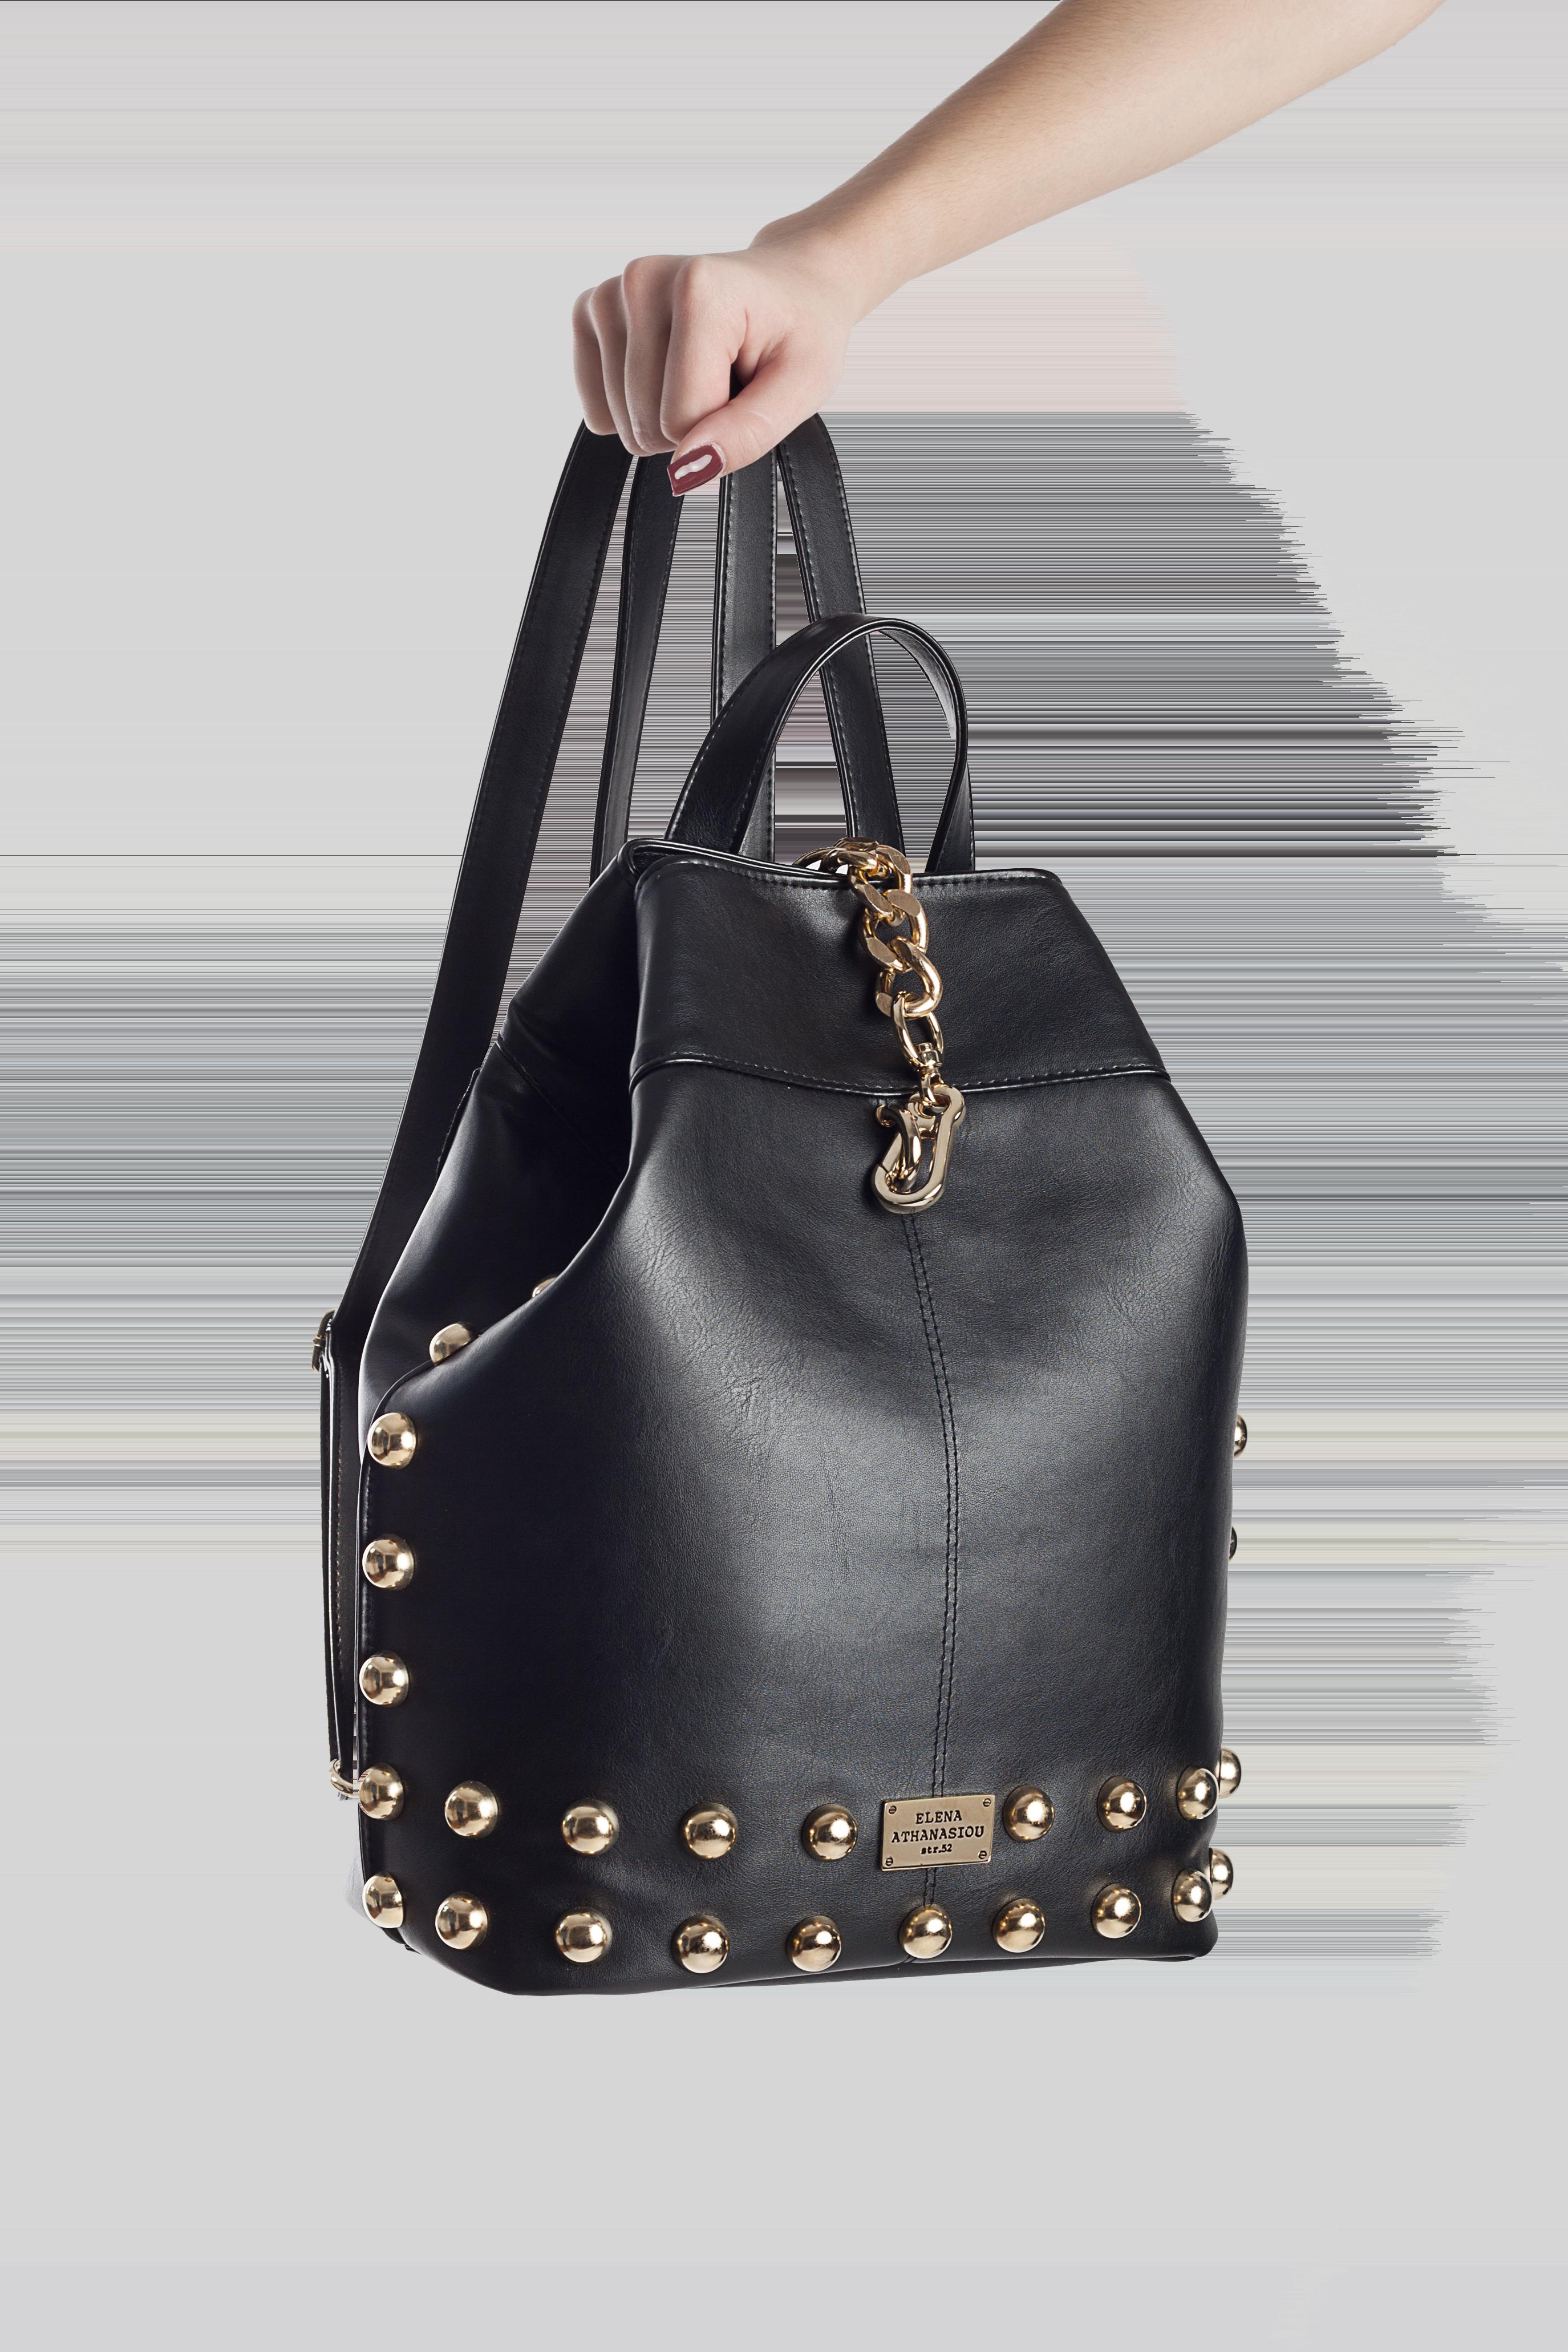 3040a6af10 Backpack Black